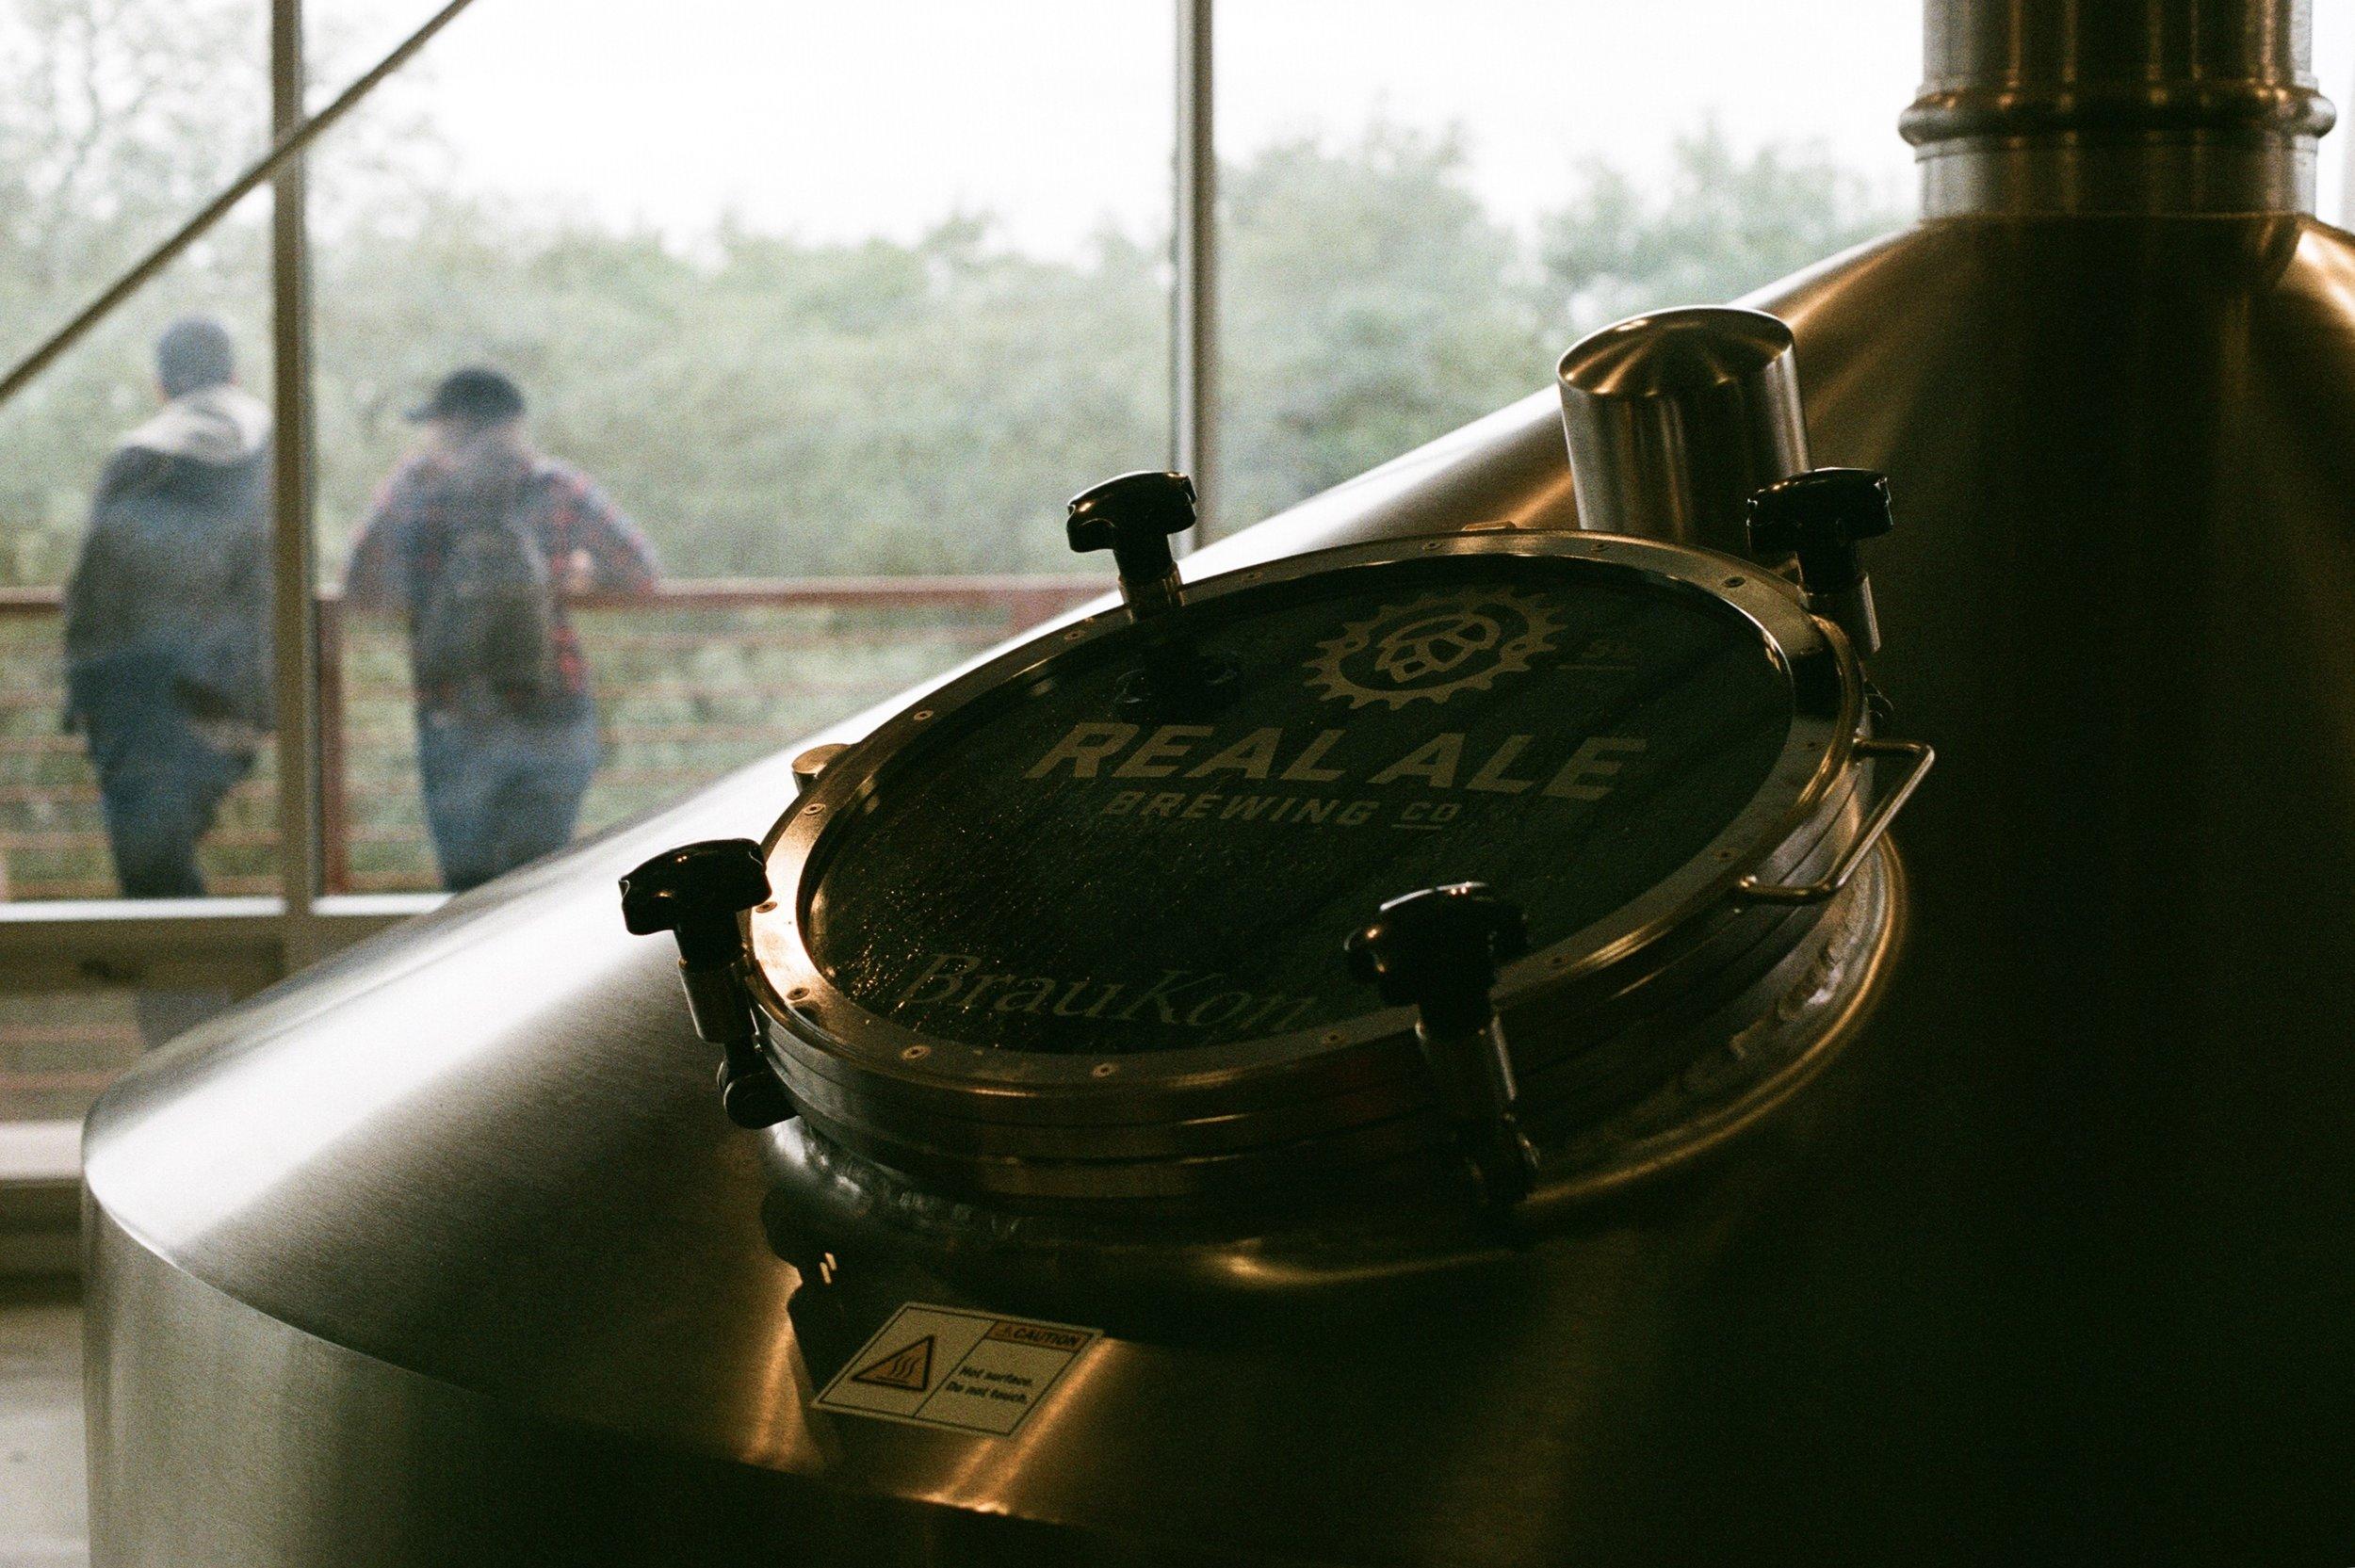 Real Ale Brewing Co.  Olympus OM-2n | Fujifilm Superia 400